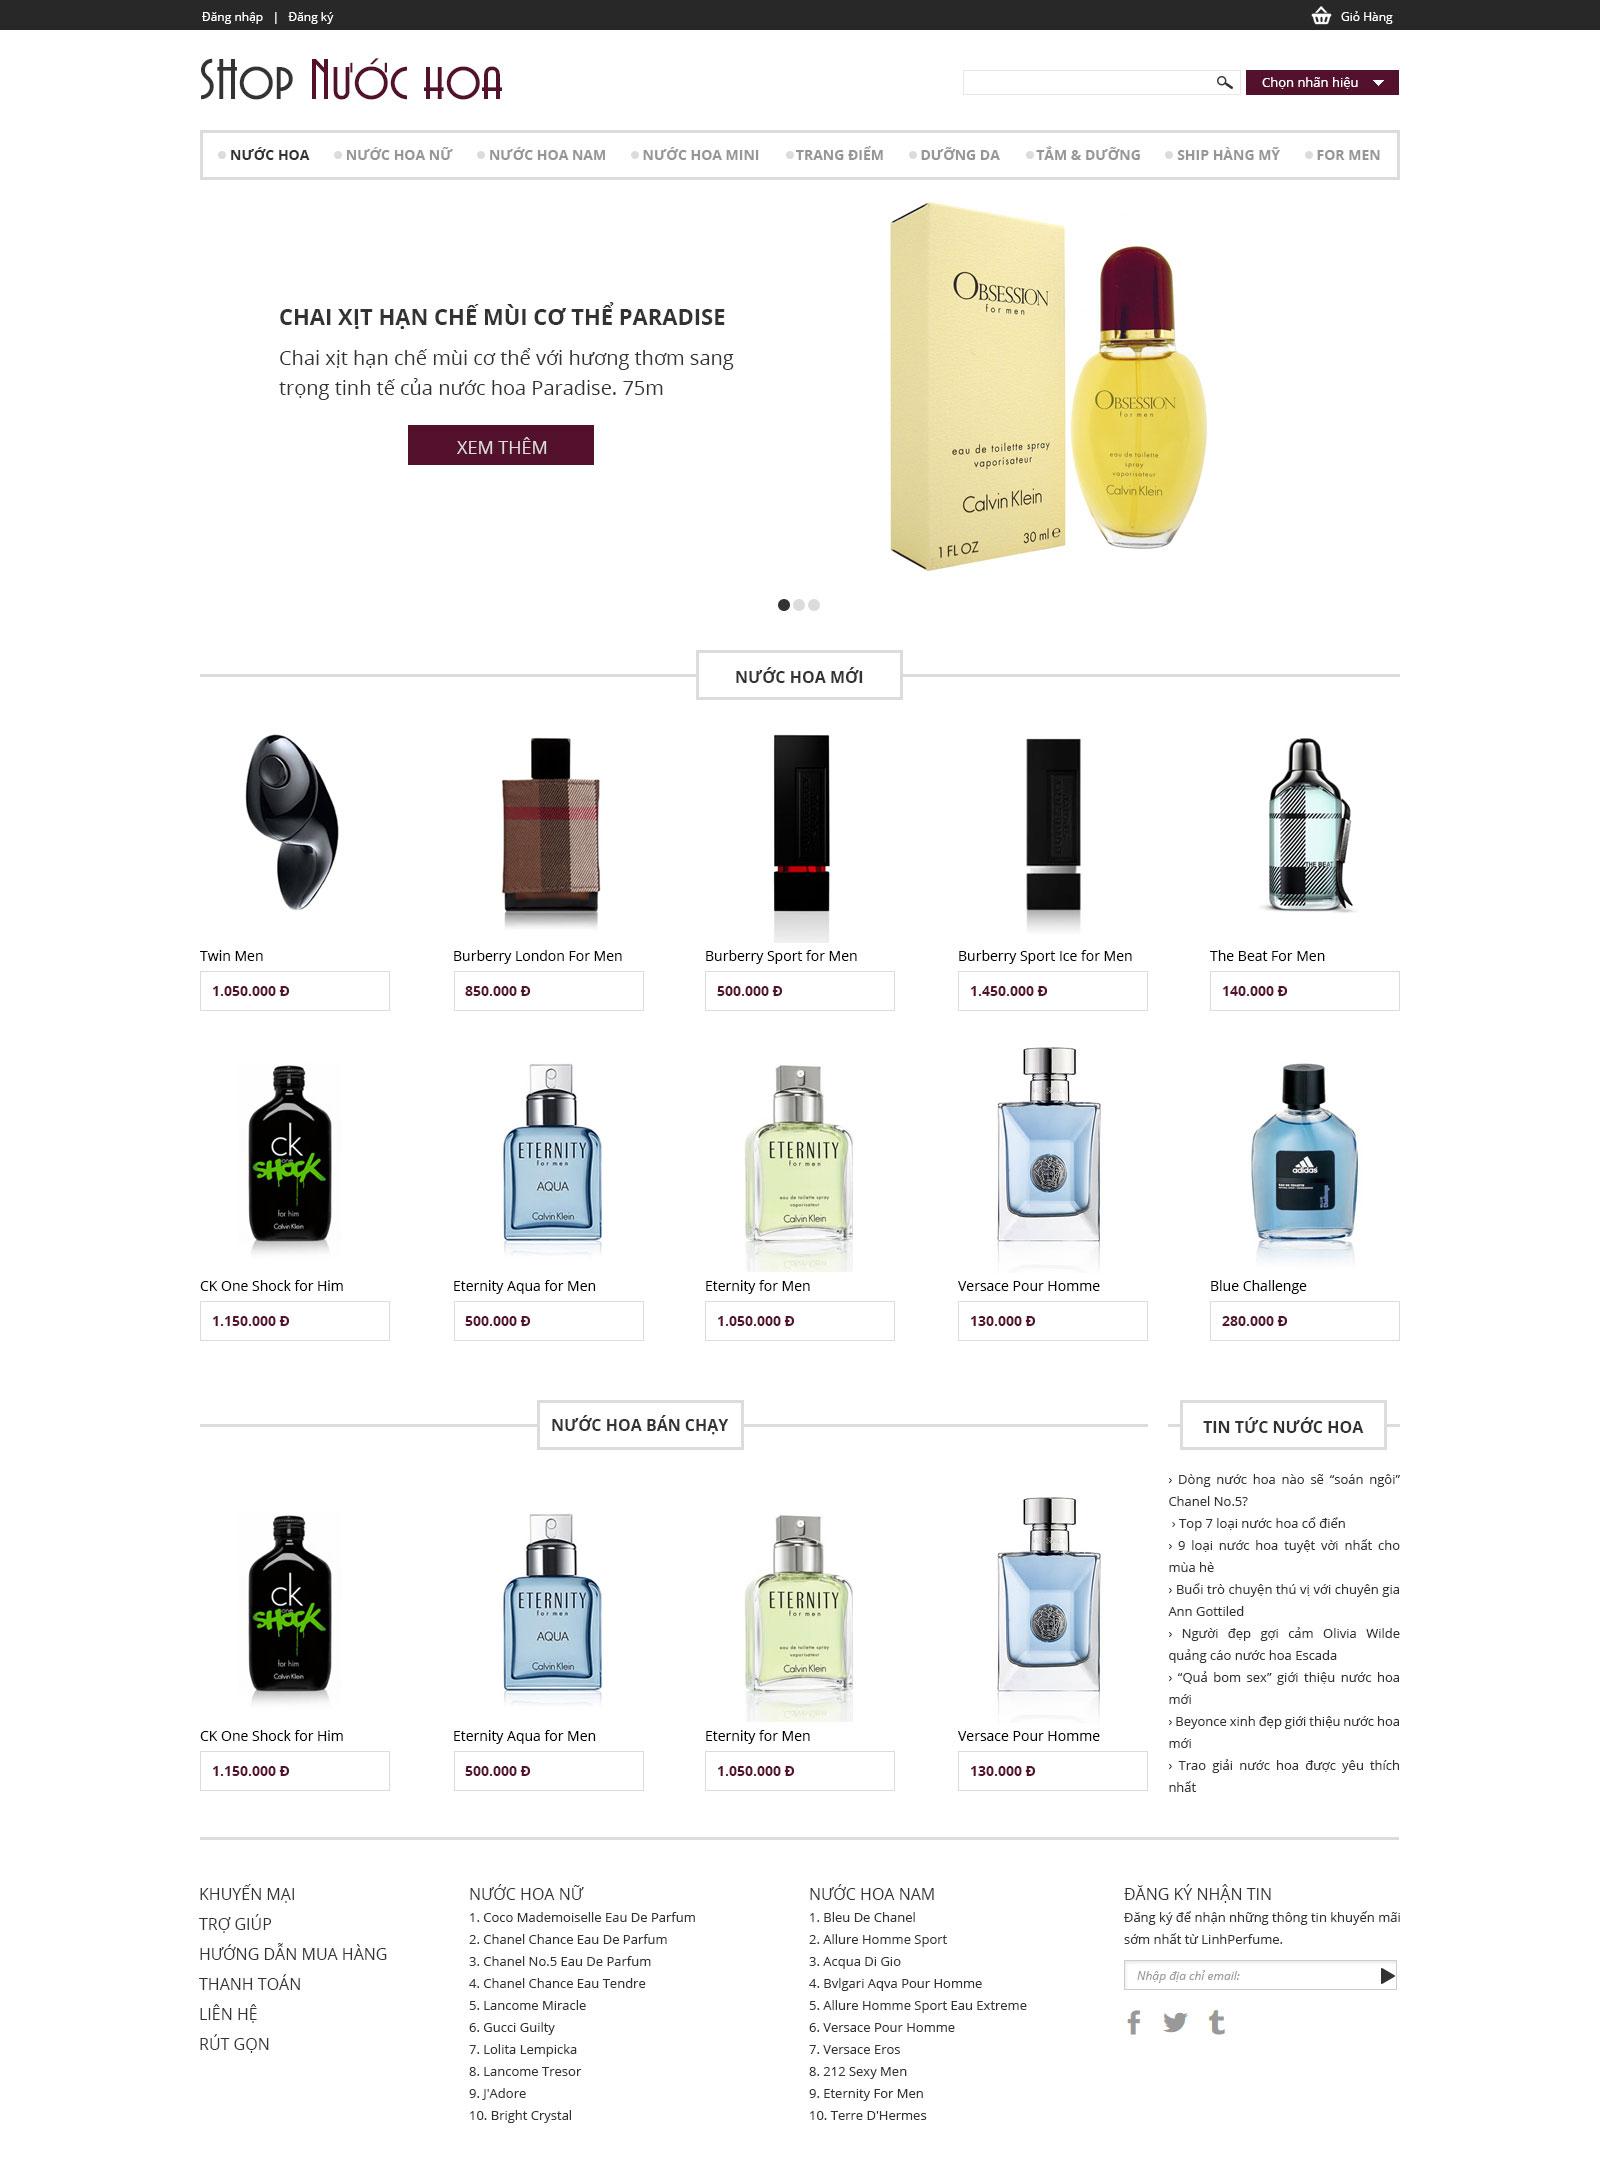 Mẫu web shop nước hoa